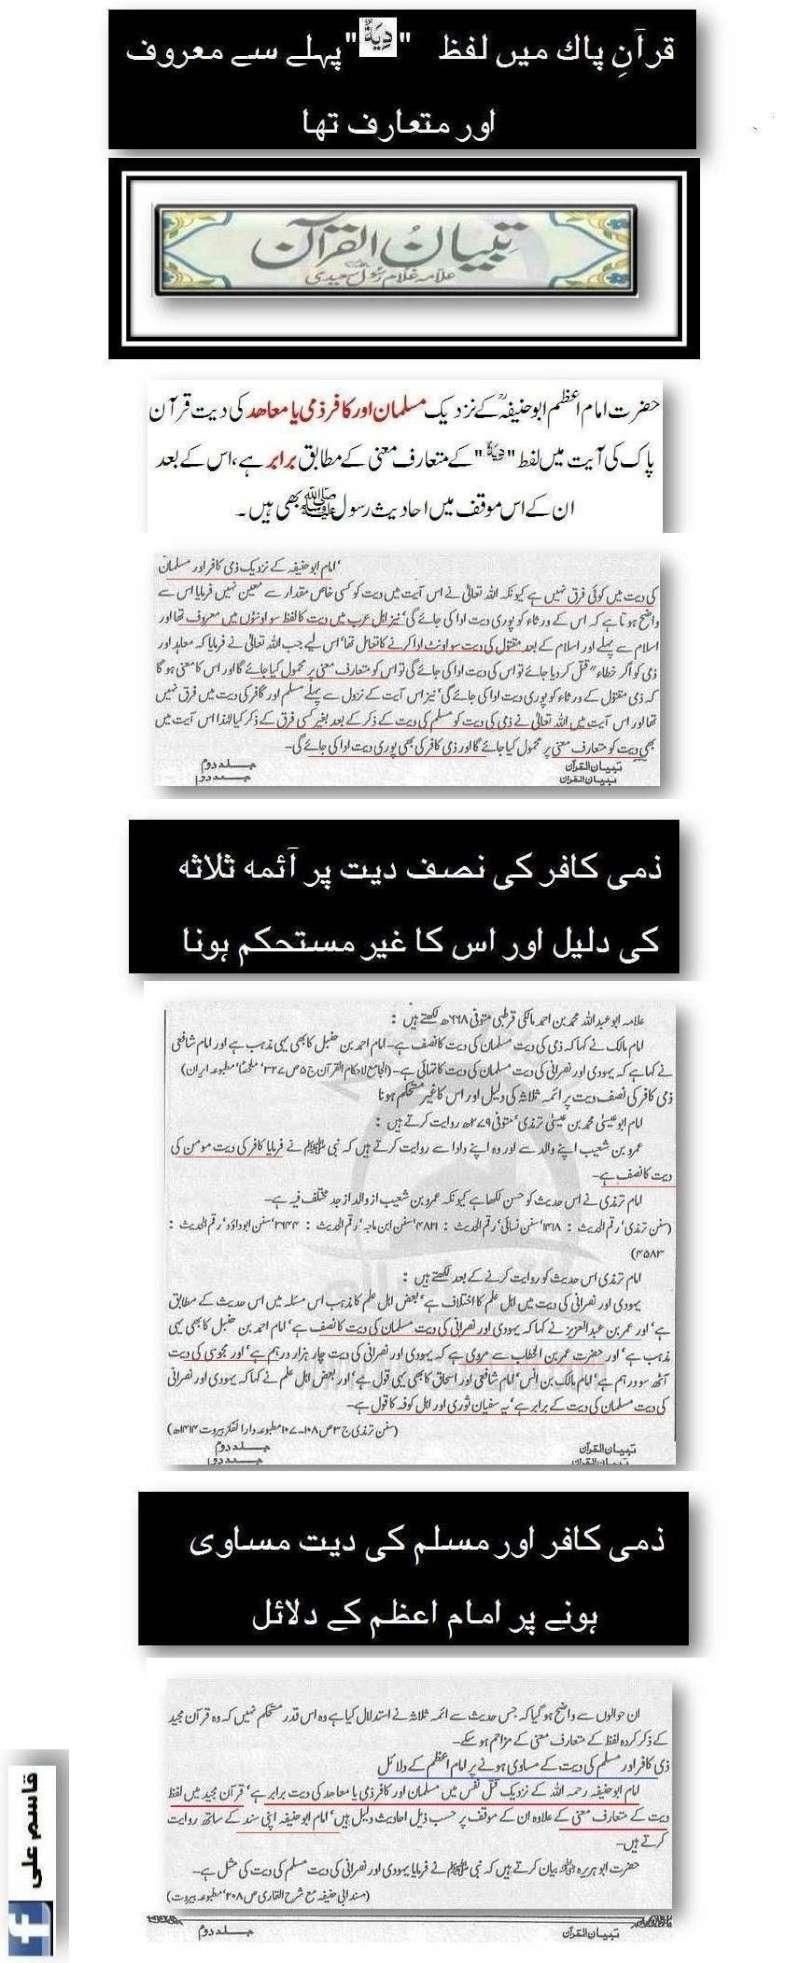 دیت کی جعلی فتوی فیکٹری پر منہاج القرآن کی فتح کا جھنڈا - Page 2 8d10